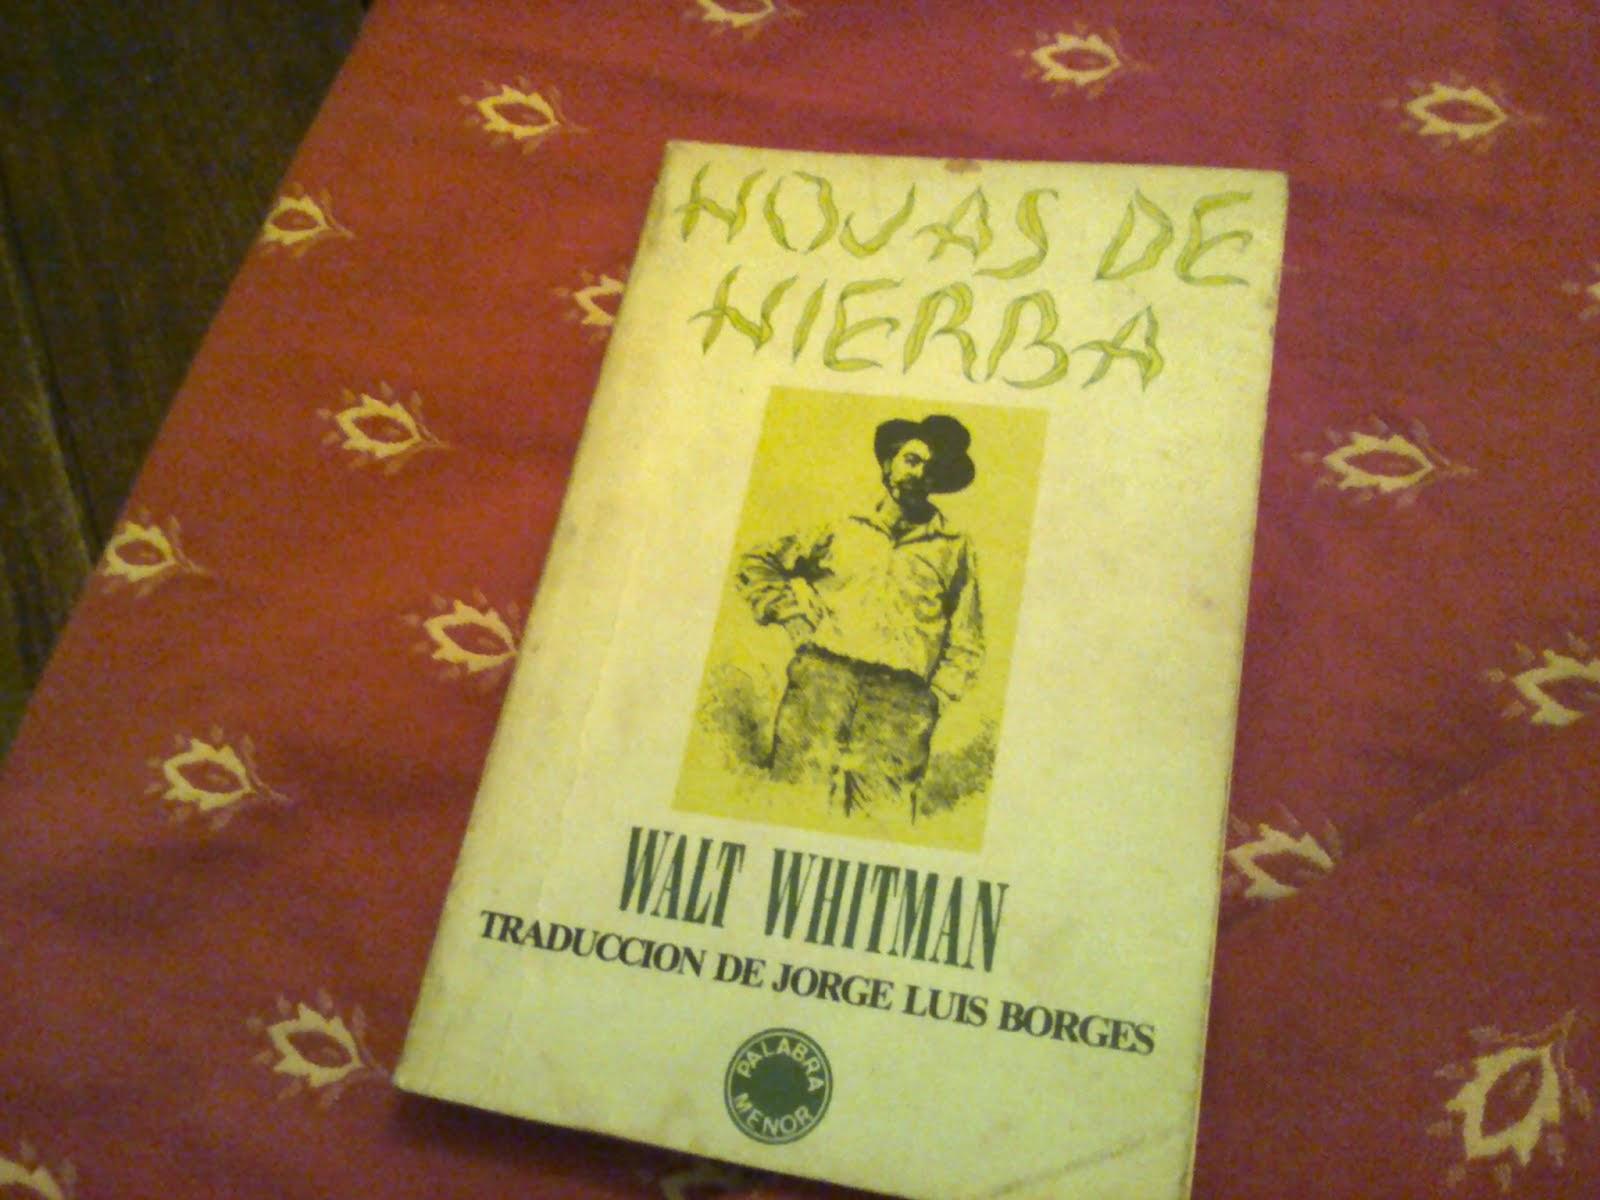 Walt Whitman, Hojas de hierba